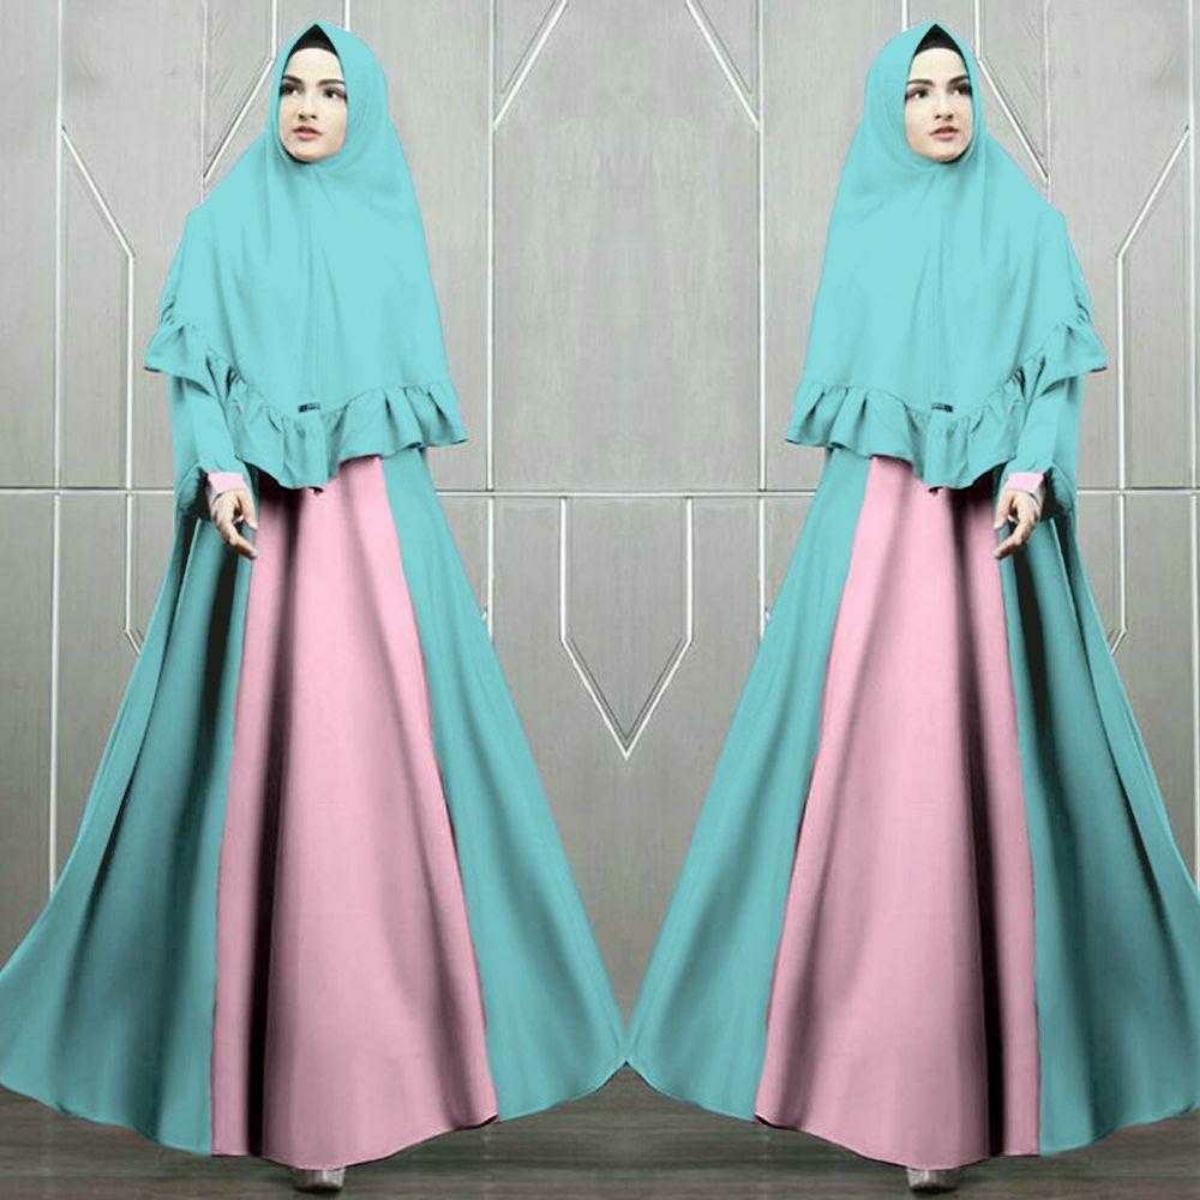 Harga Newone Shop Sale Maxi Salwa Murah Fashion Muslim Baju Muslim Wanita Newone Baru